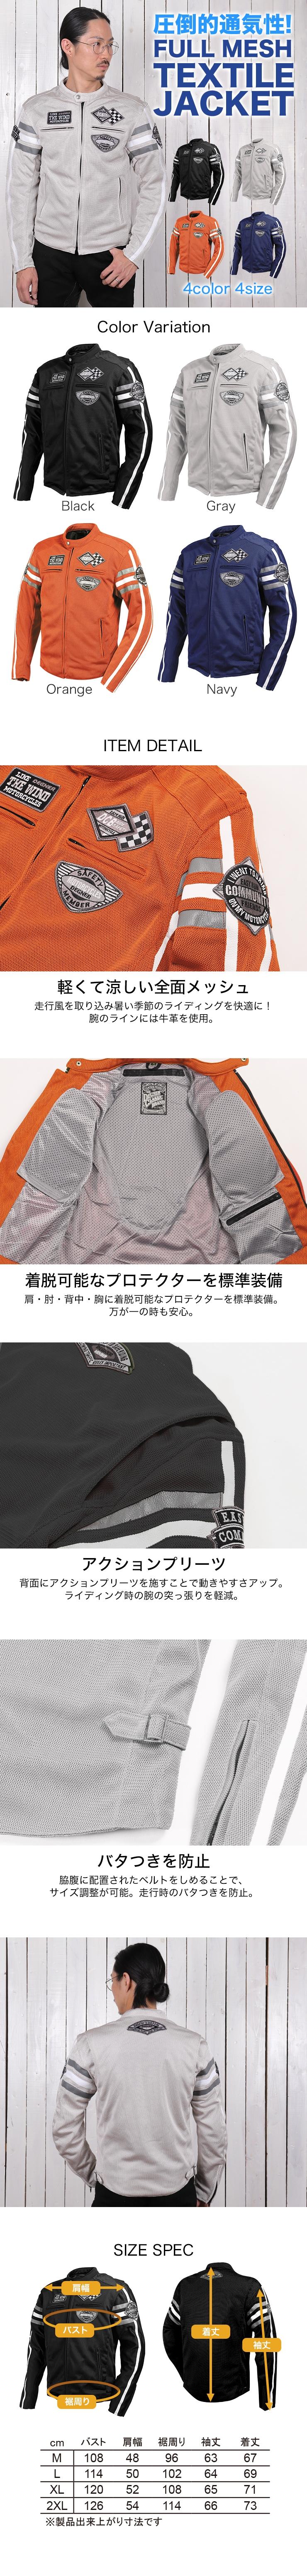 デグナー DEGNER メッシュライダースジャケット 20SJ-3 メンズ テキスタイル ブラック グレー オレンジ ネイビー 夏